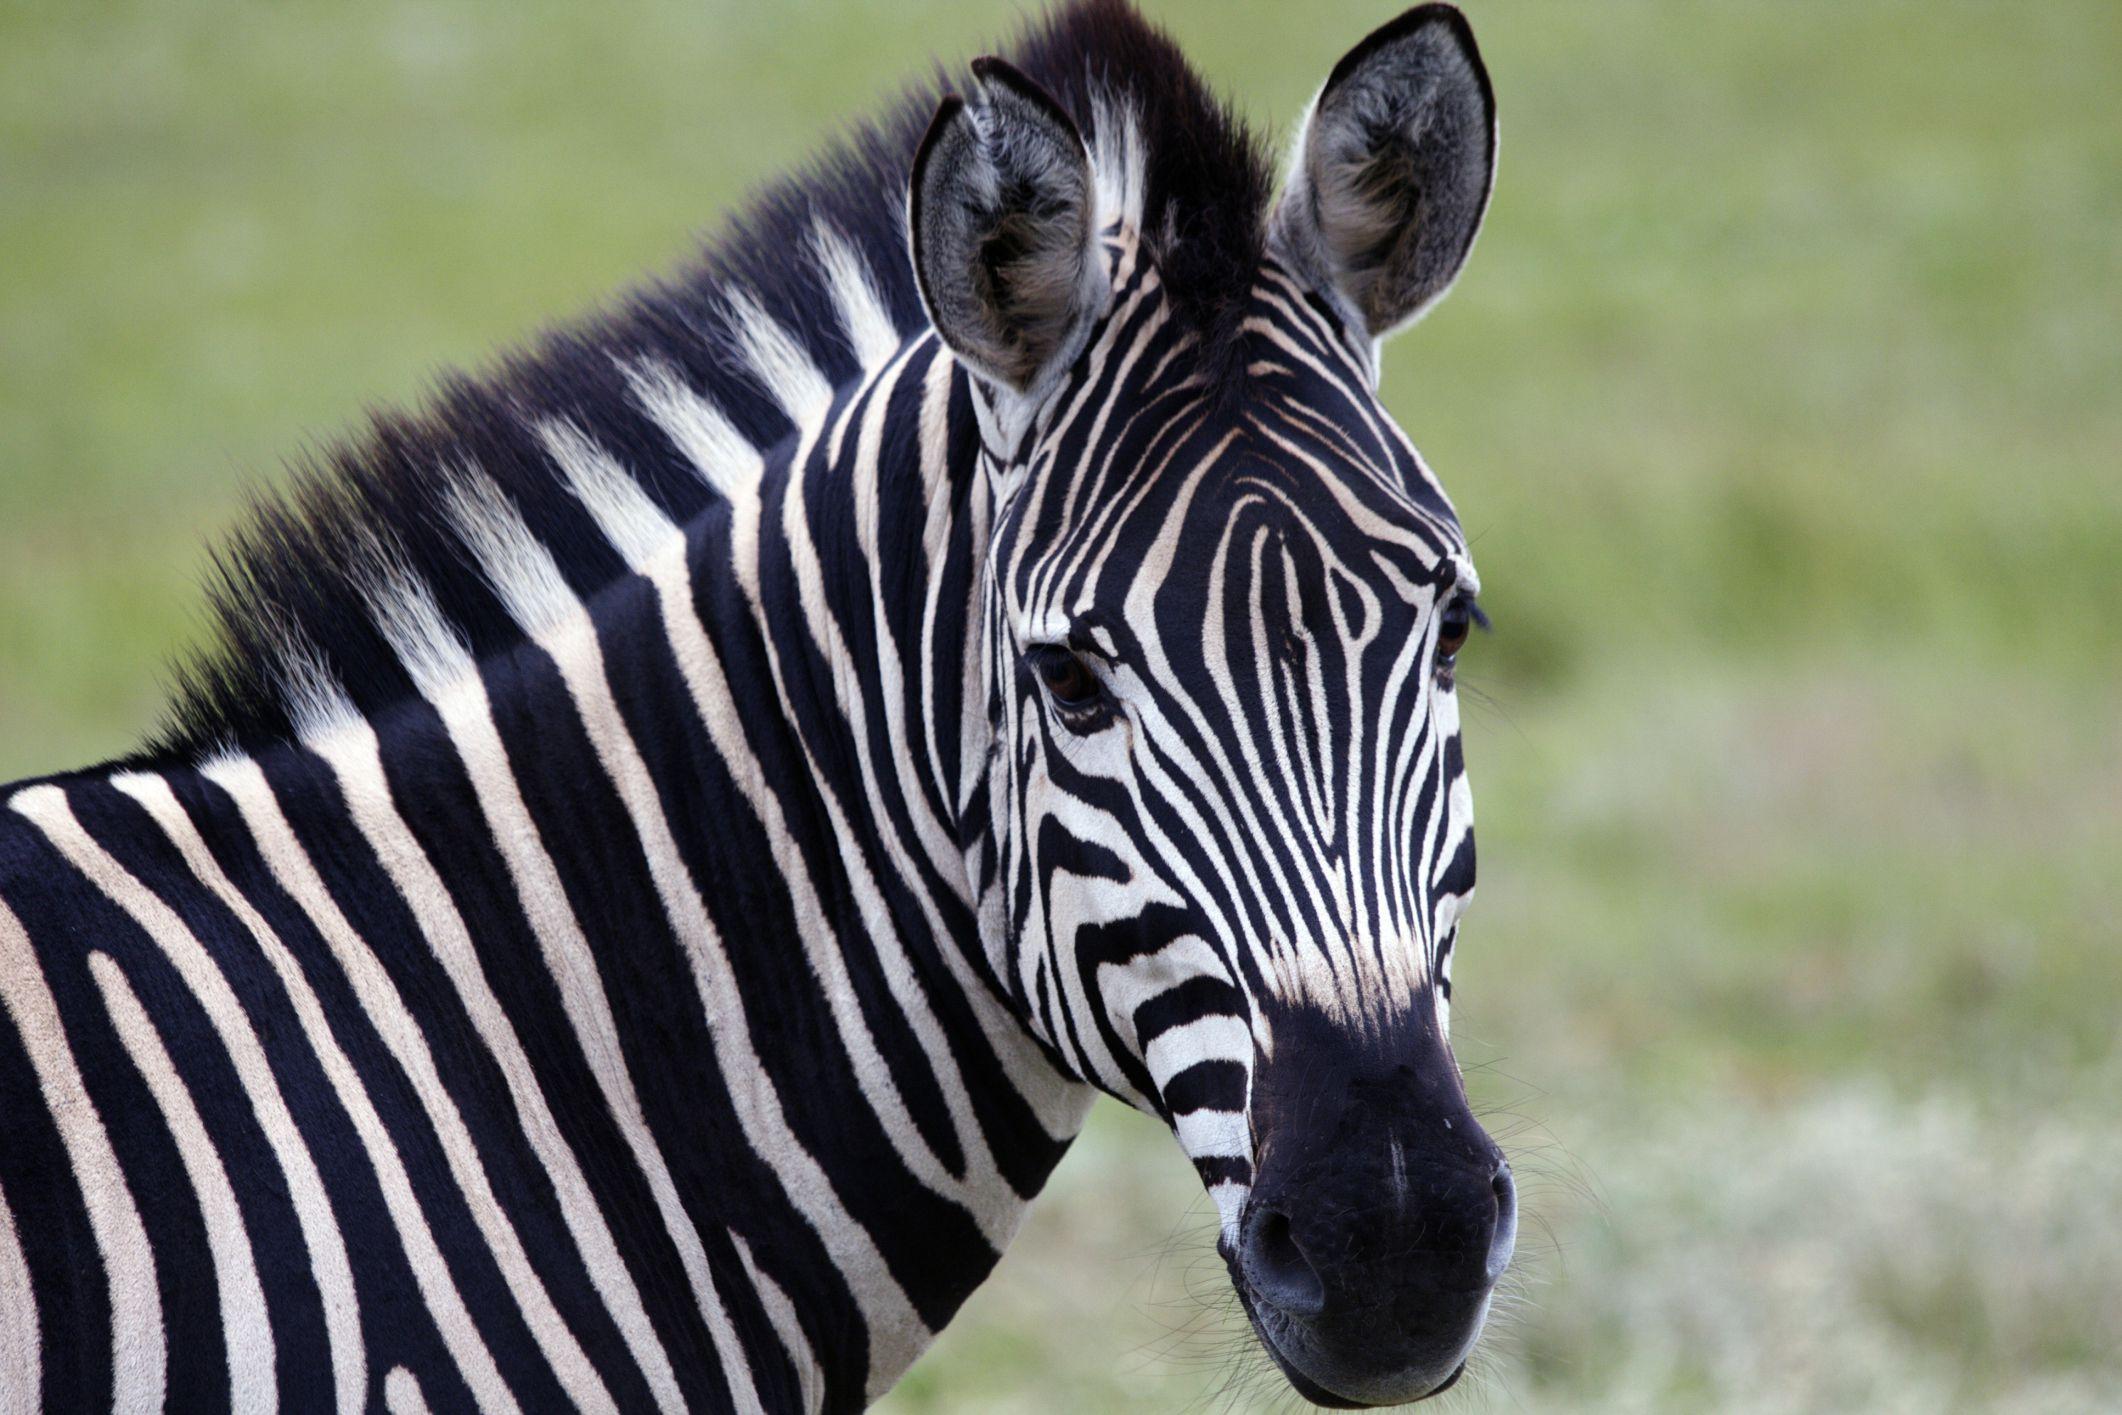 Норвежский зоопарк скормил зебру голодным тиграм на глазах посетителей